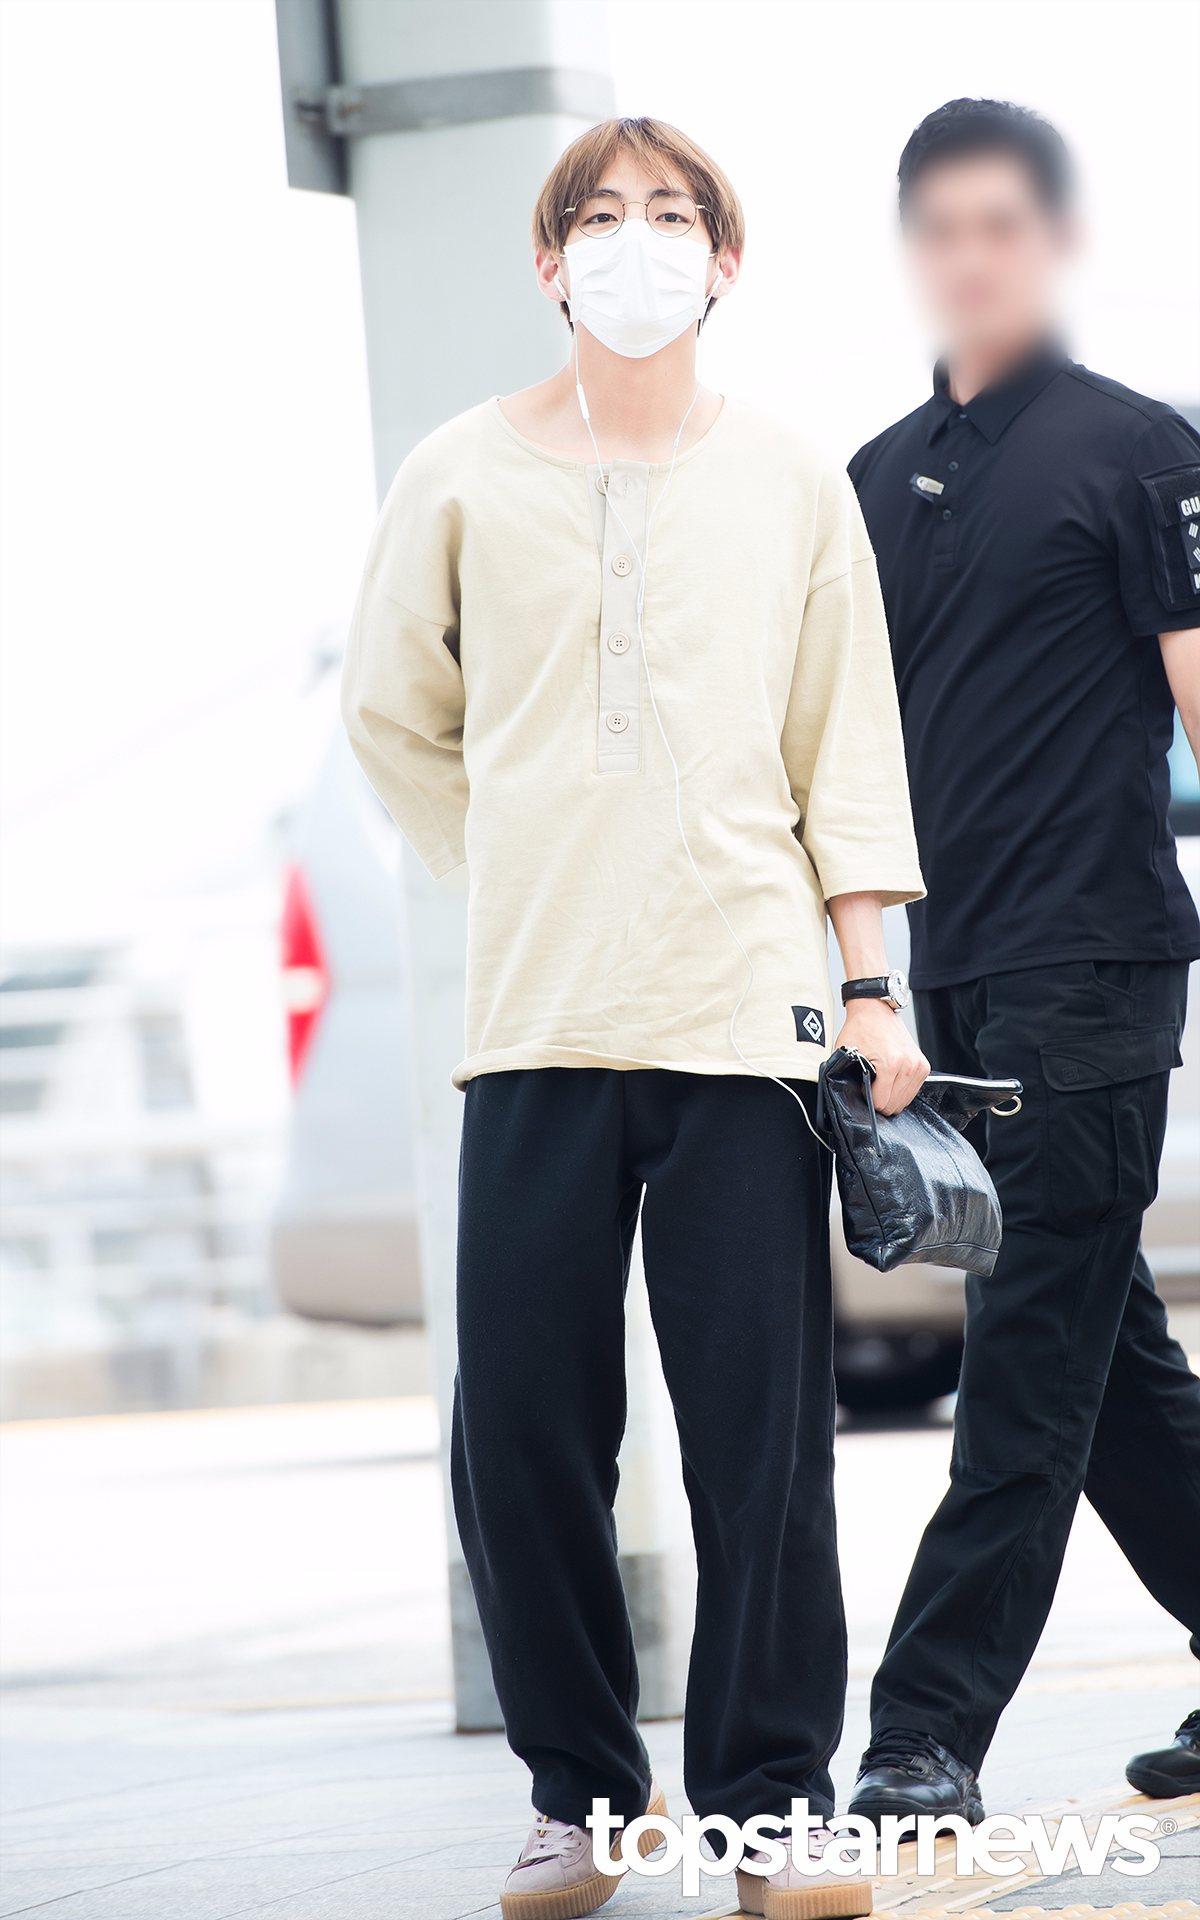 另一邊V的機場時尚也是....(小編不懂),不過有人說是阿揪西(大叔)概念,米色的寬鬆上衣加上寬鬆的褲子,手拿包不仔細看還以為是韓國常有的那種黑色塑膠袋XD